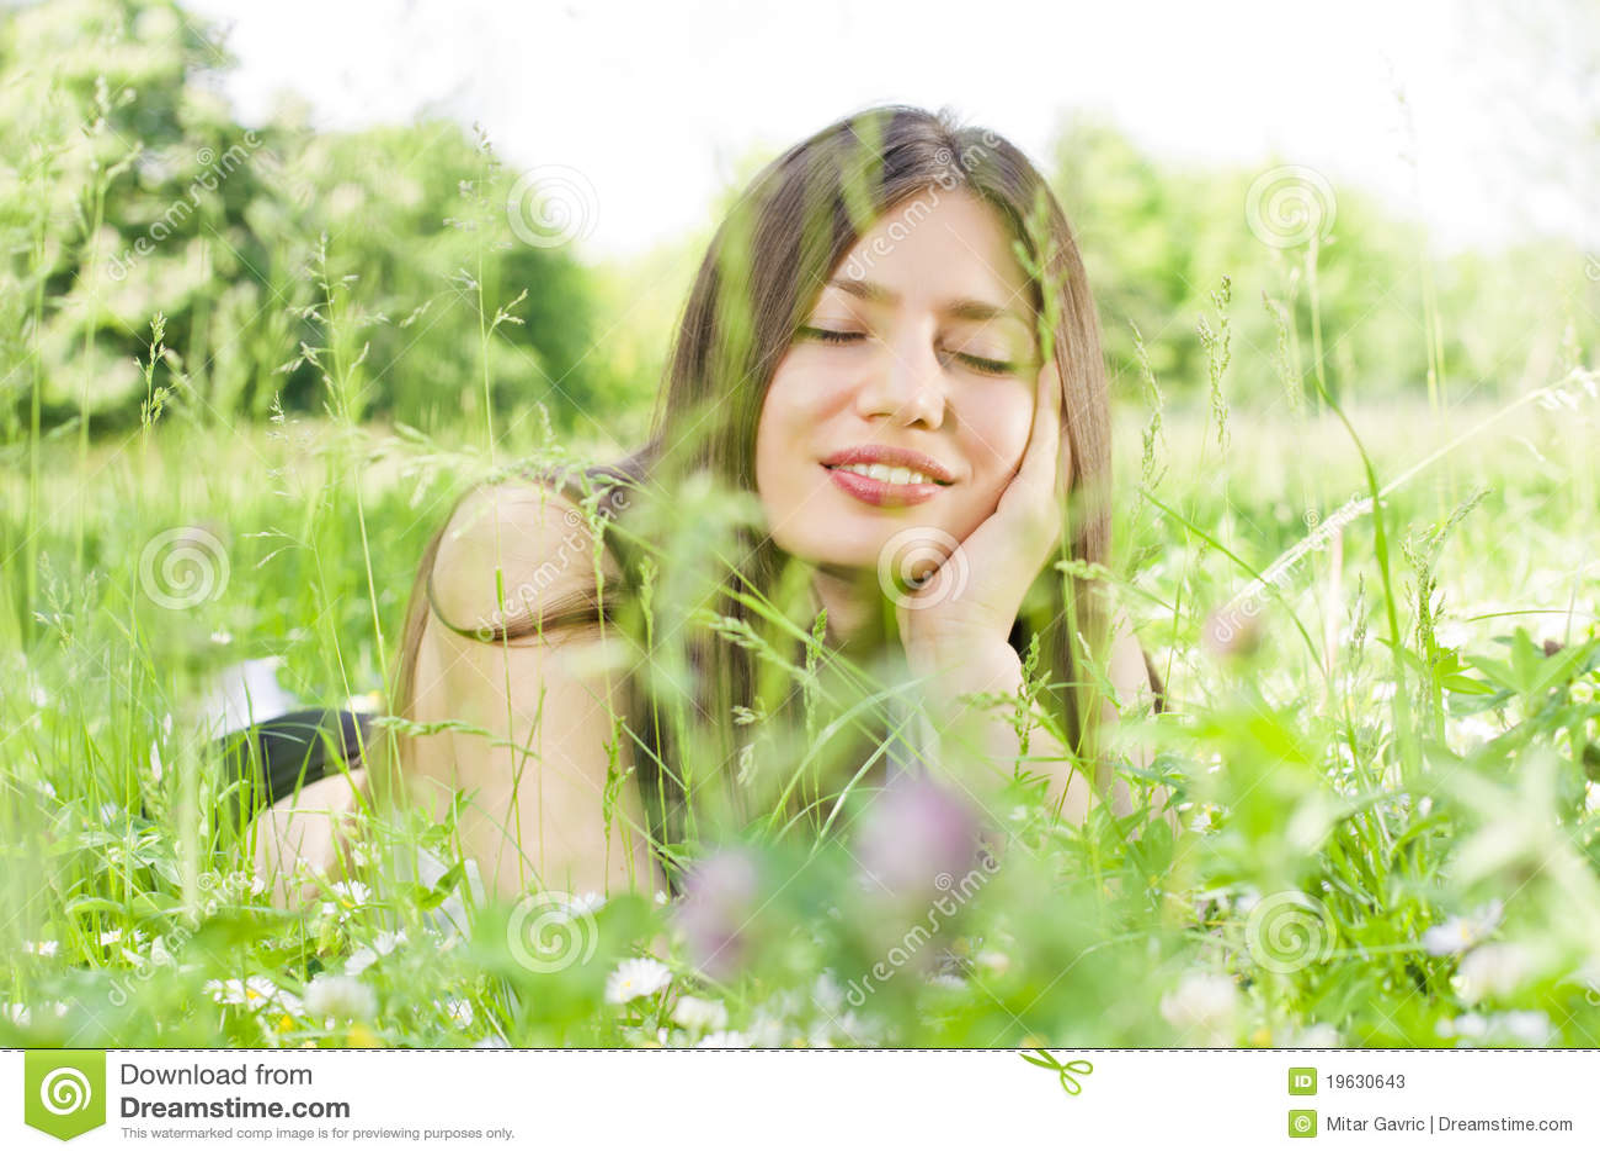 Красотки и природа #11